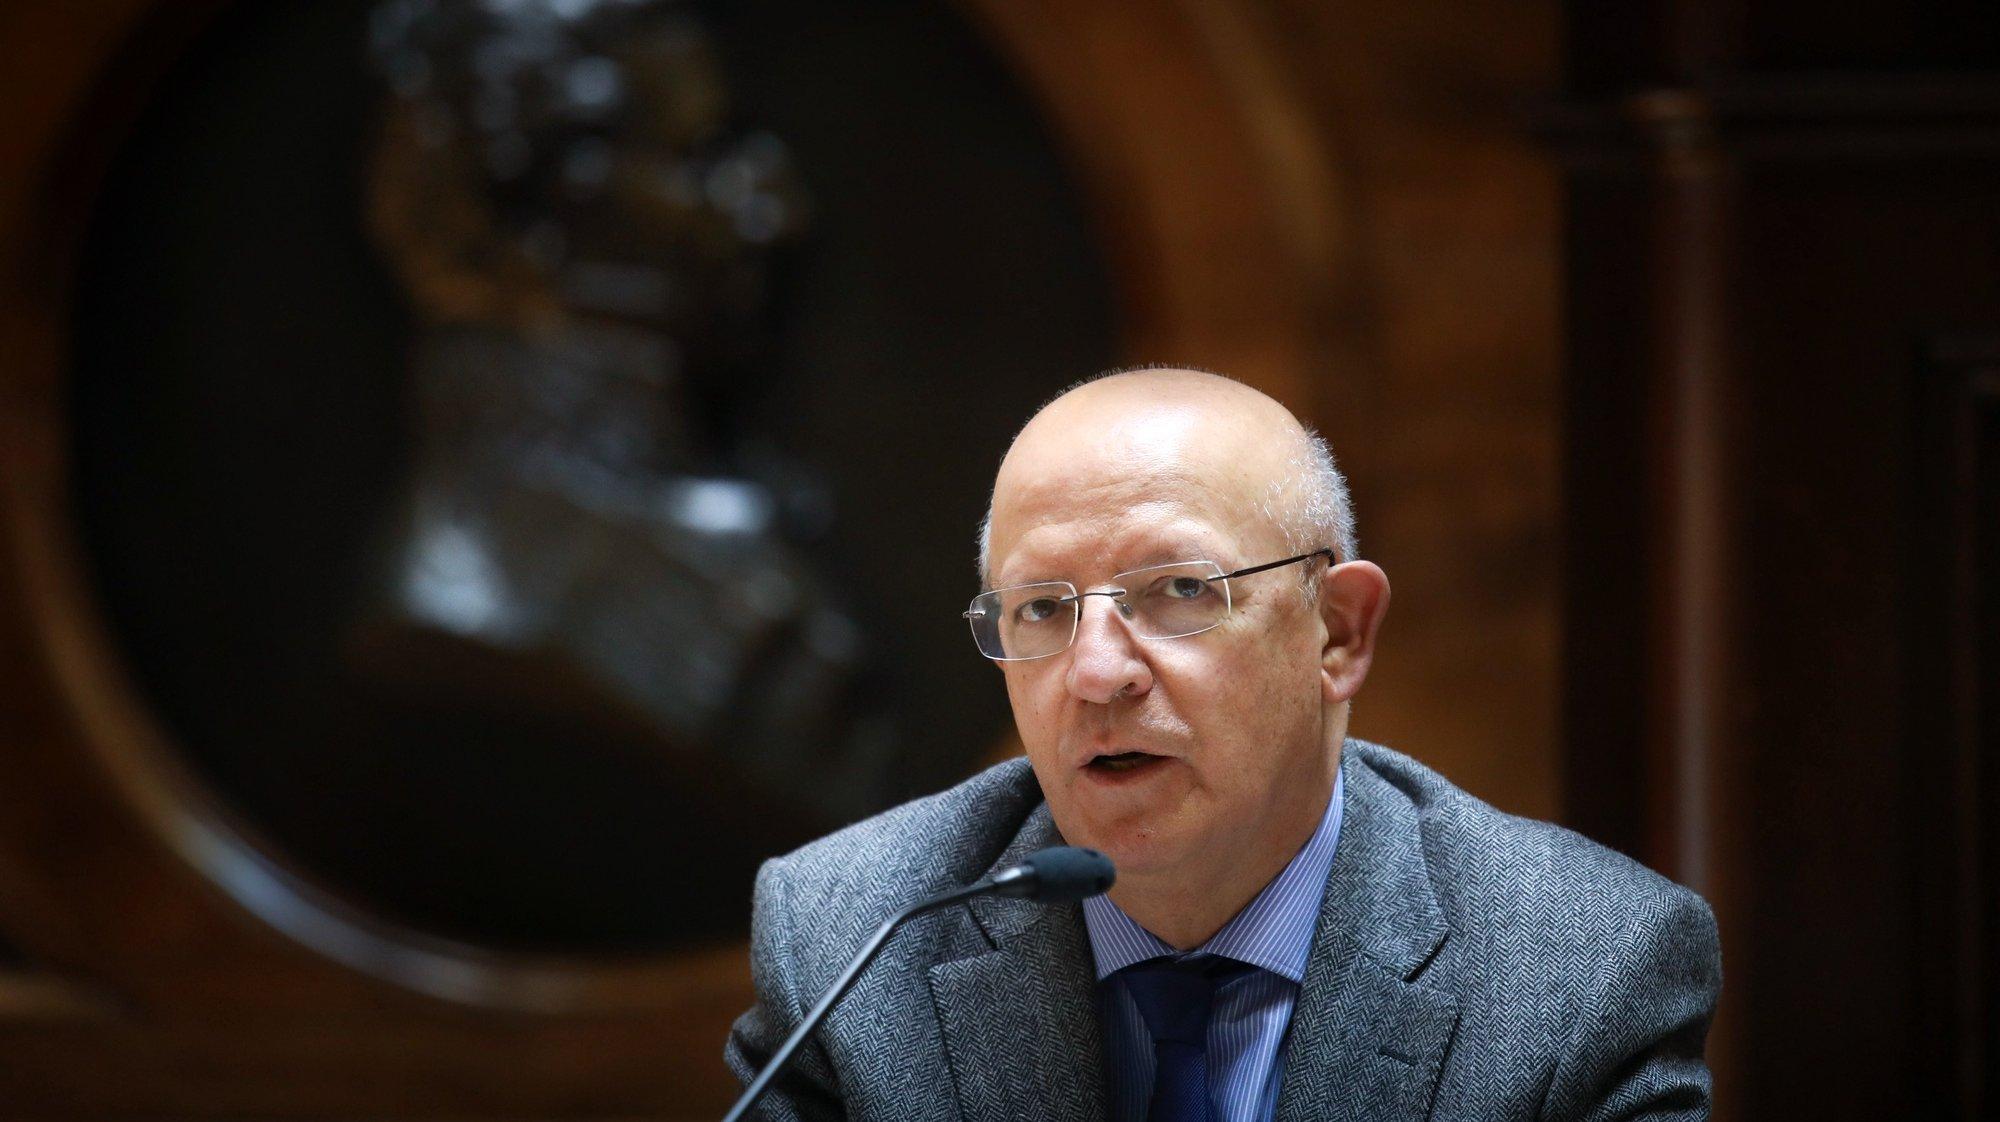 O ministro de Estado e dos Negócios Estrangeiros, Augusto Santos Silva, durante a Comissão de Negócios Estrangeiros e Comunidades Portuguesas, na Assembleia da República, em Lisboa, 11 de maio de 2021. ANDRÉ KOSTERS/LUSA